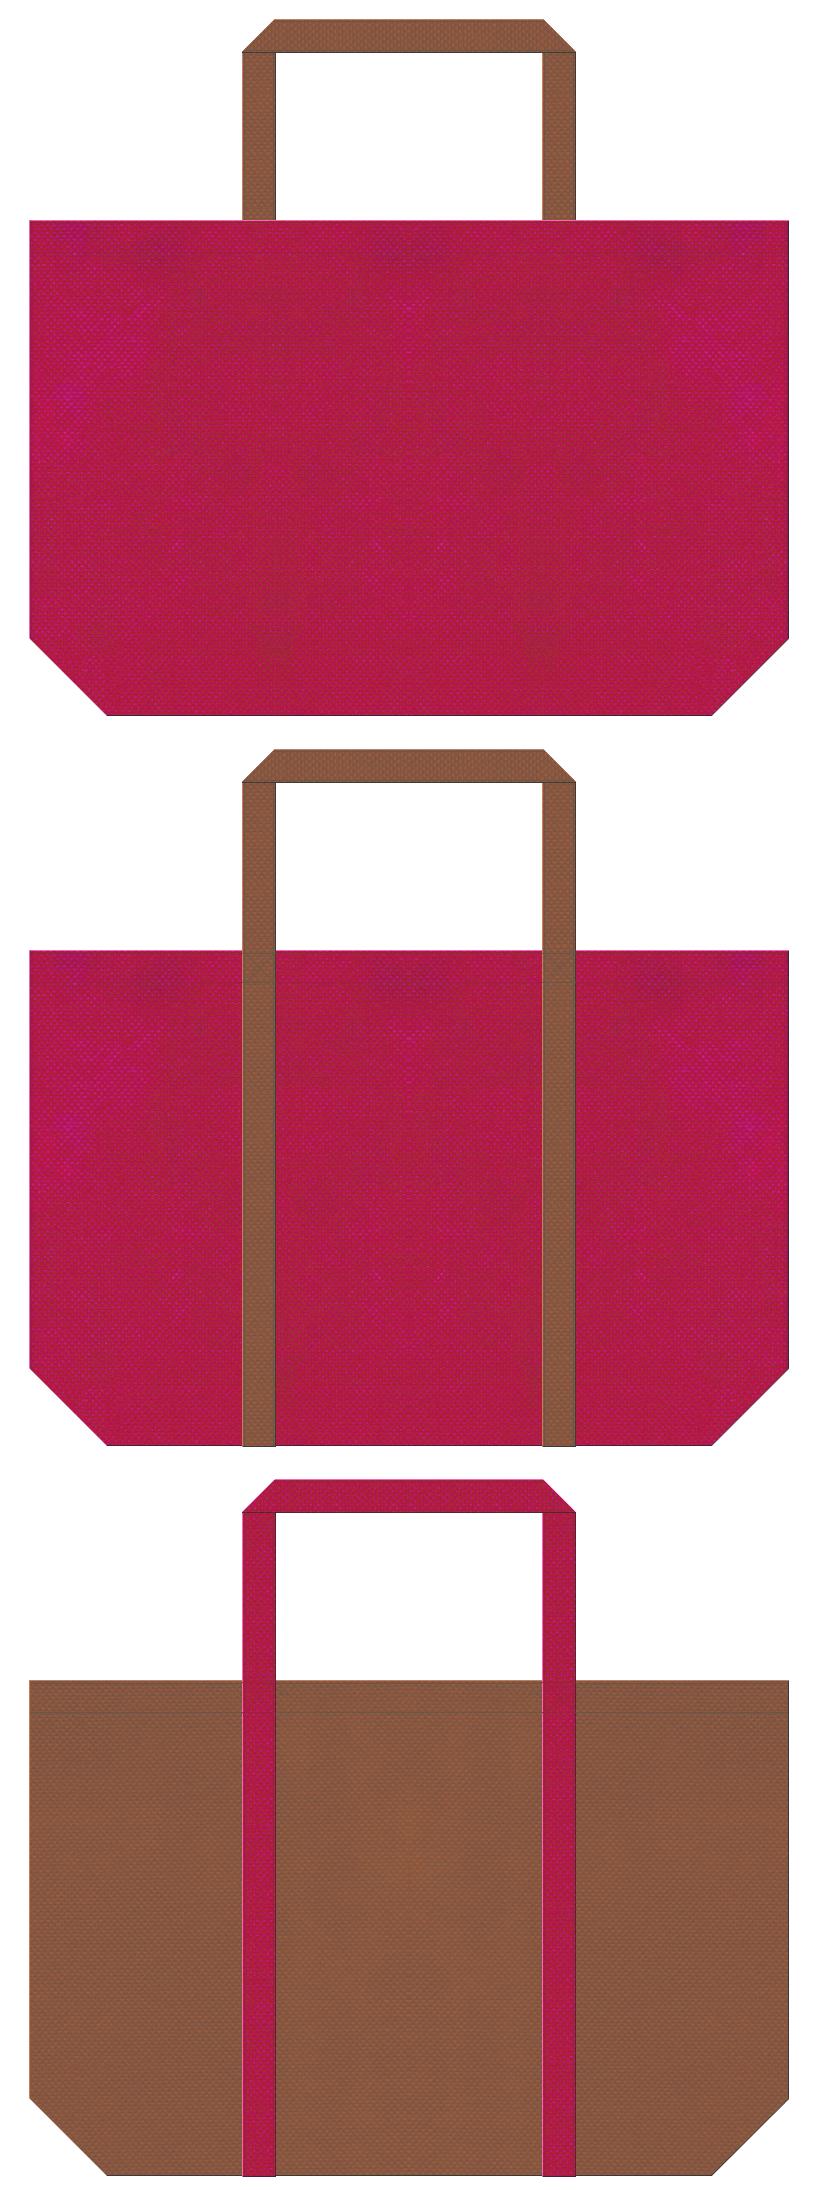 絵本・おとぎ話・ハワイアン・アロハシャツ・水着・南国・トロピカル・フルーツ・カクテル・リゾート・トラベルバッグにお奨めの不織布バッグデザイン:濃いピンク色と茶色のコーデ